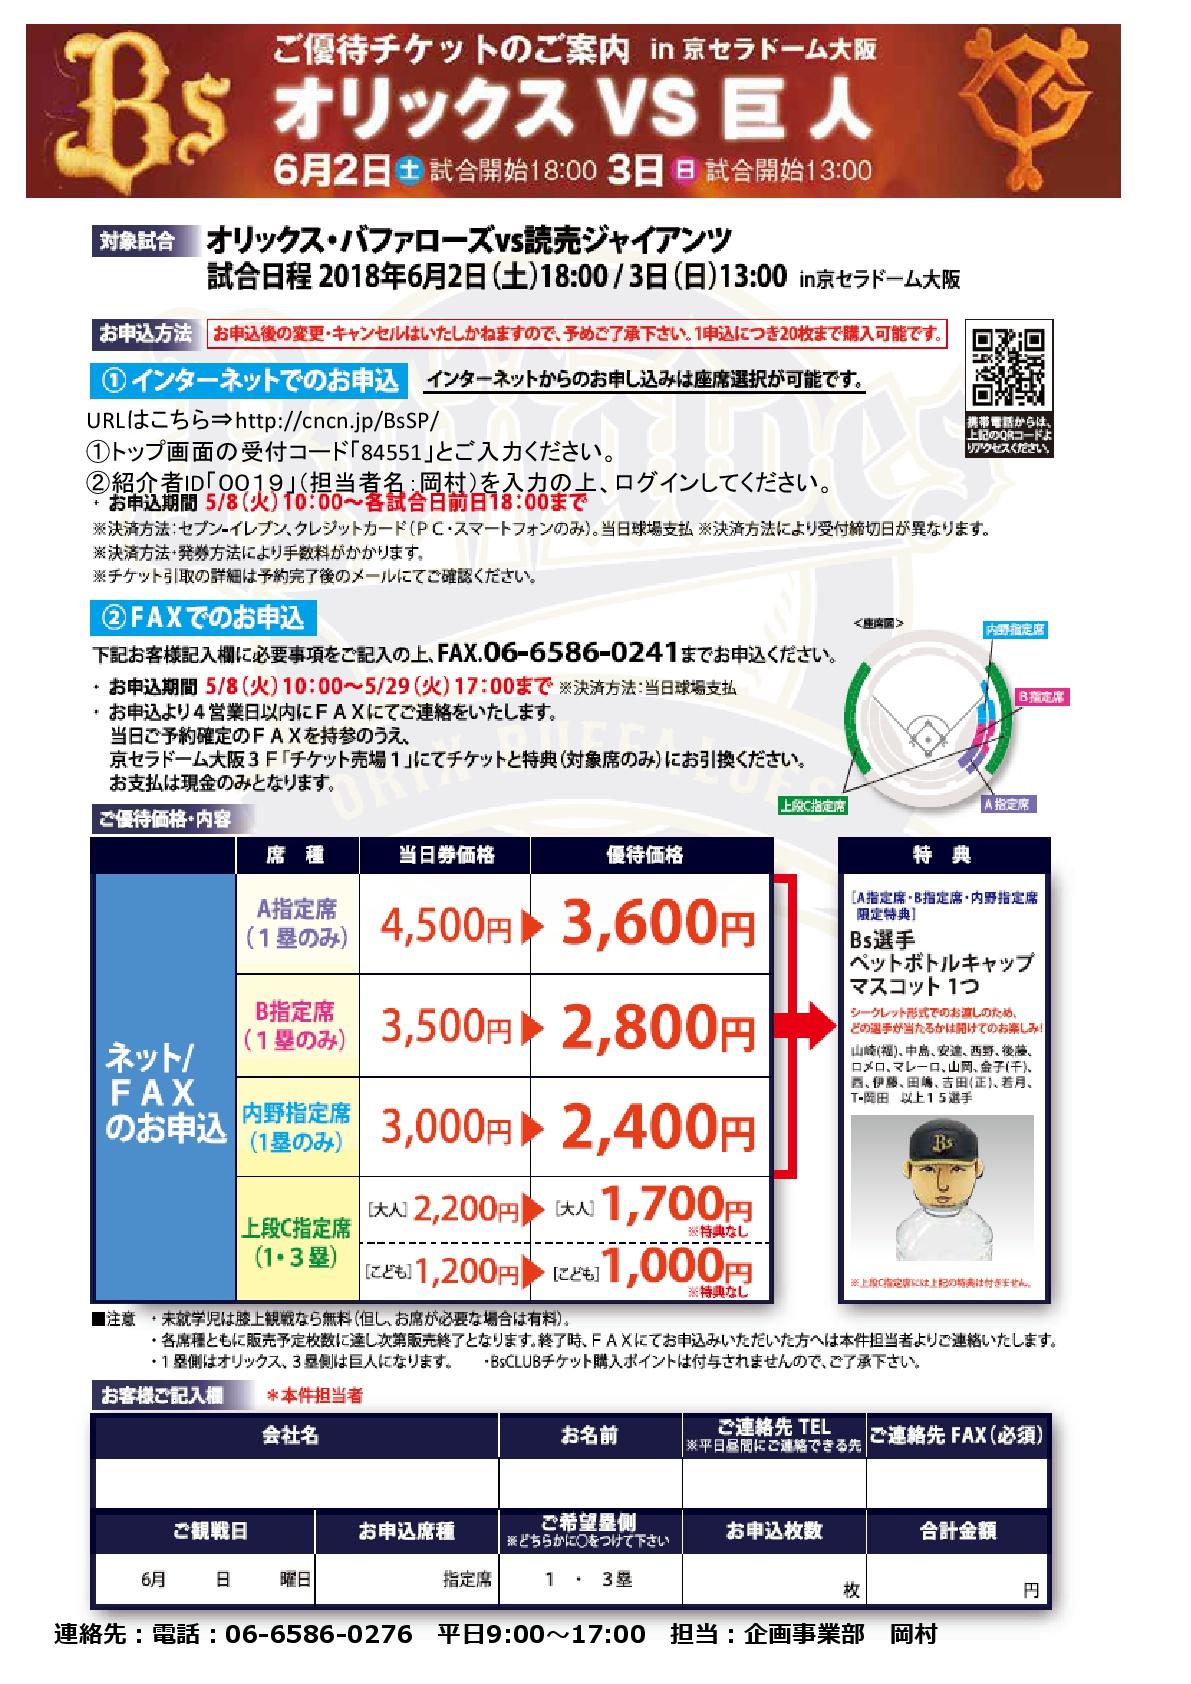 交流戦6月2・3G優待案内用紙-001